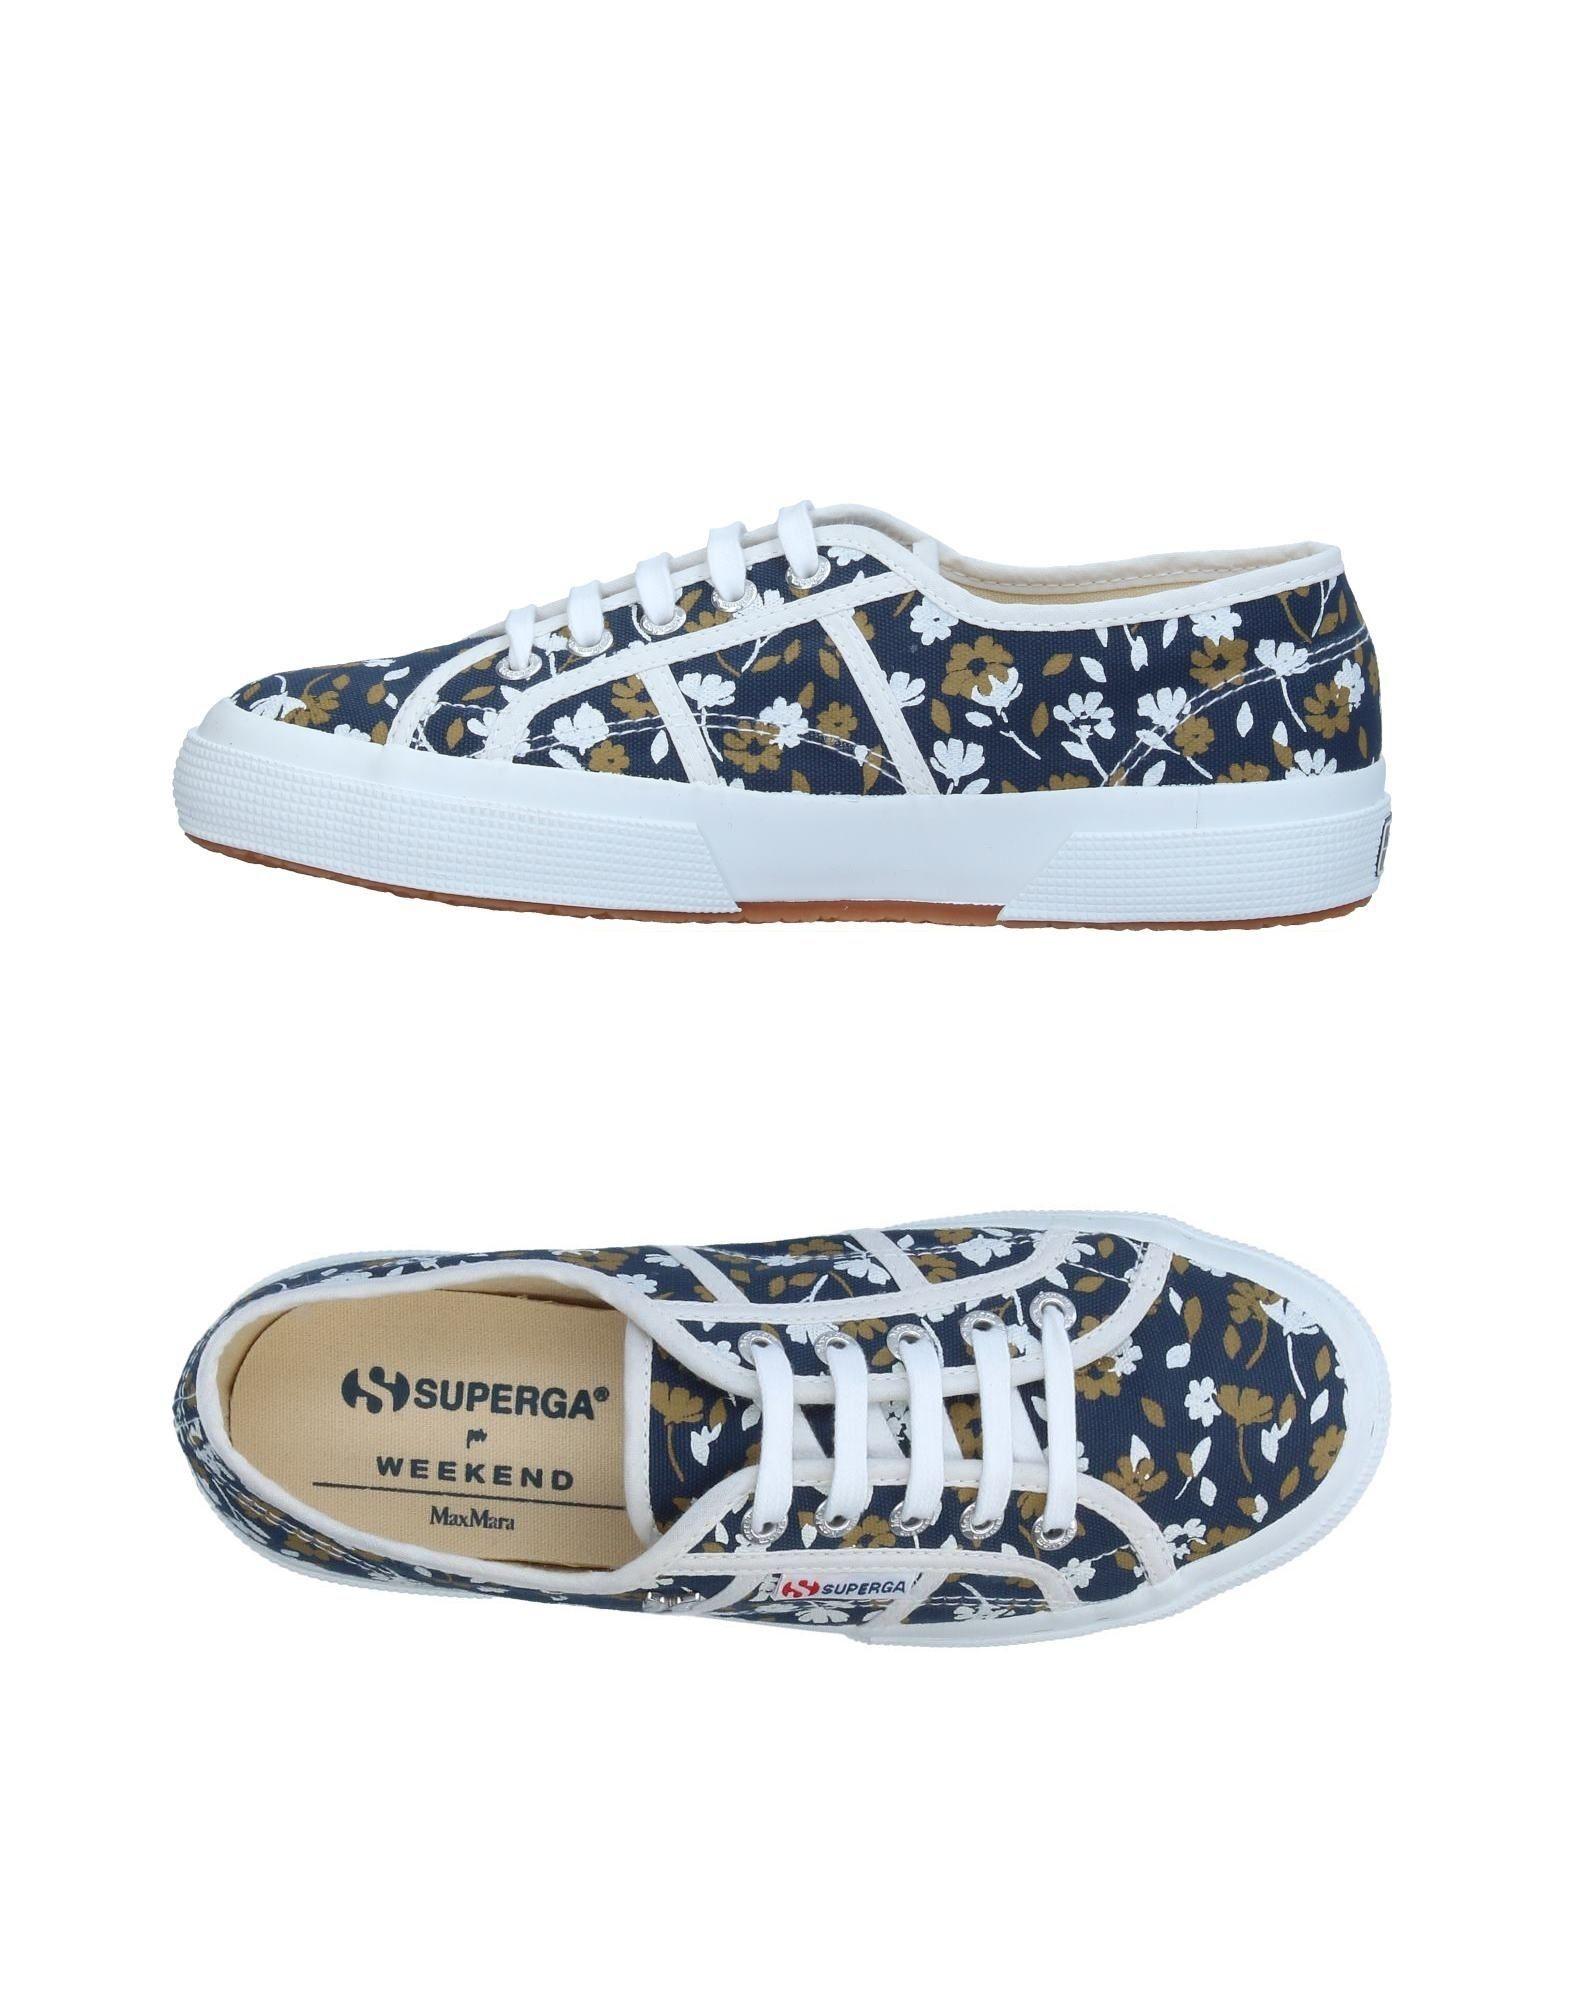 Superga® Per Weekend  Max Mara Sneakers Damen  11372321FR Gute Qualität beliebte Schuhe